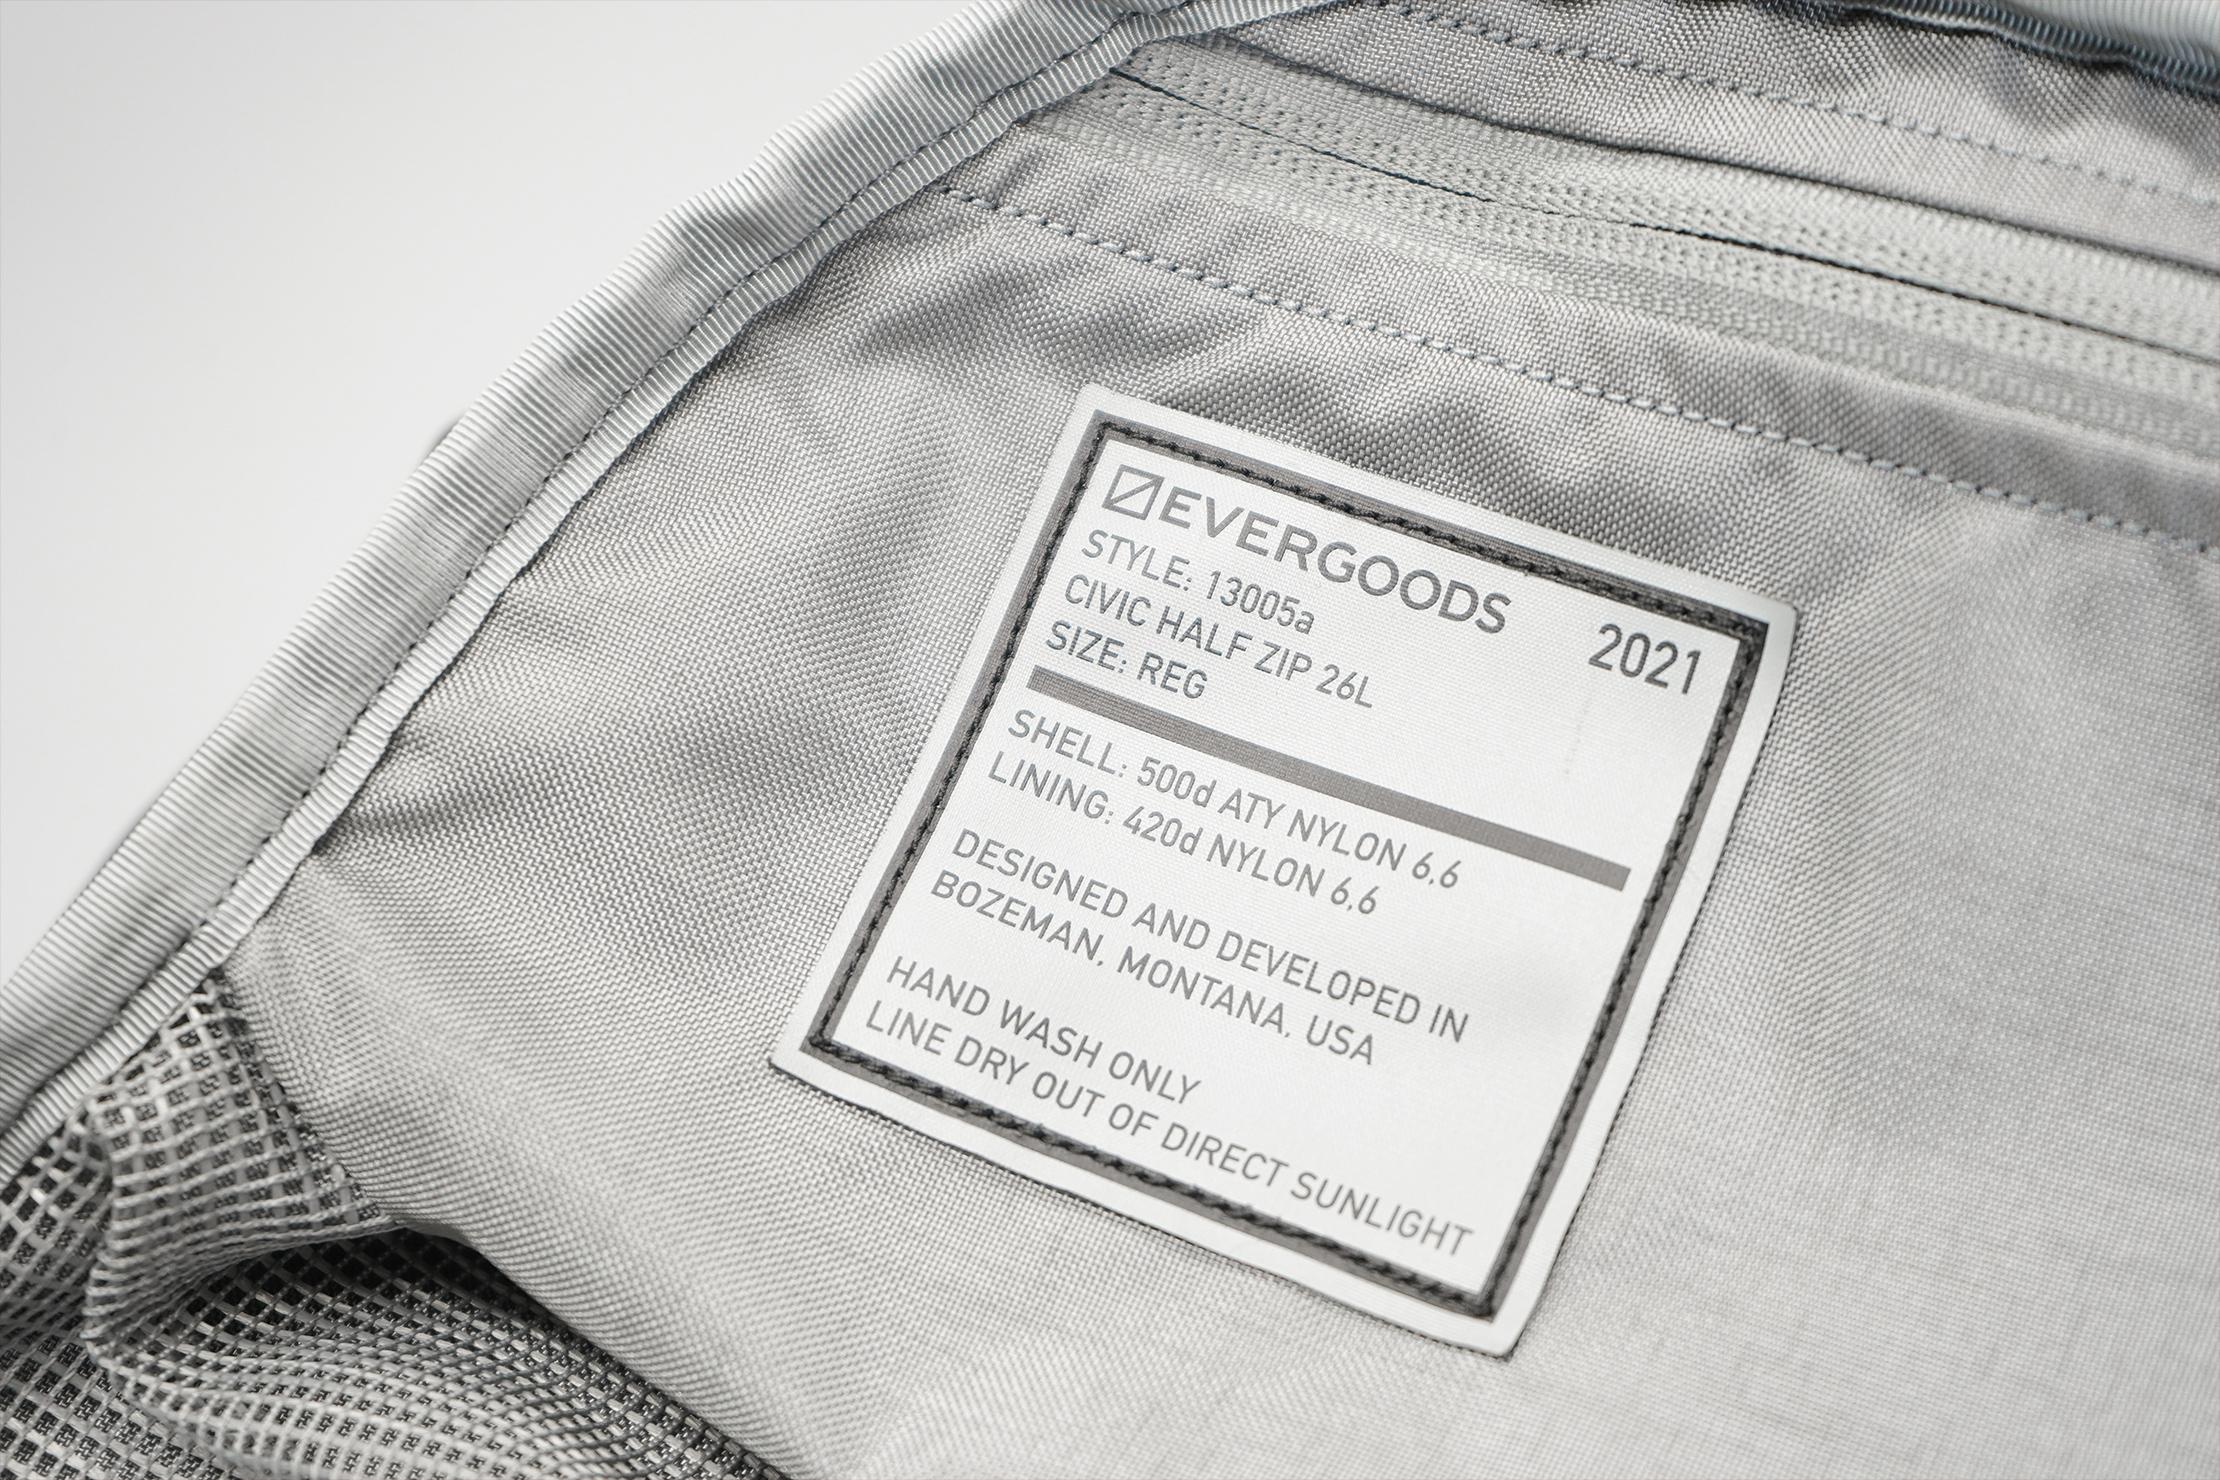 EVERGOODS CHZ26 inside tag